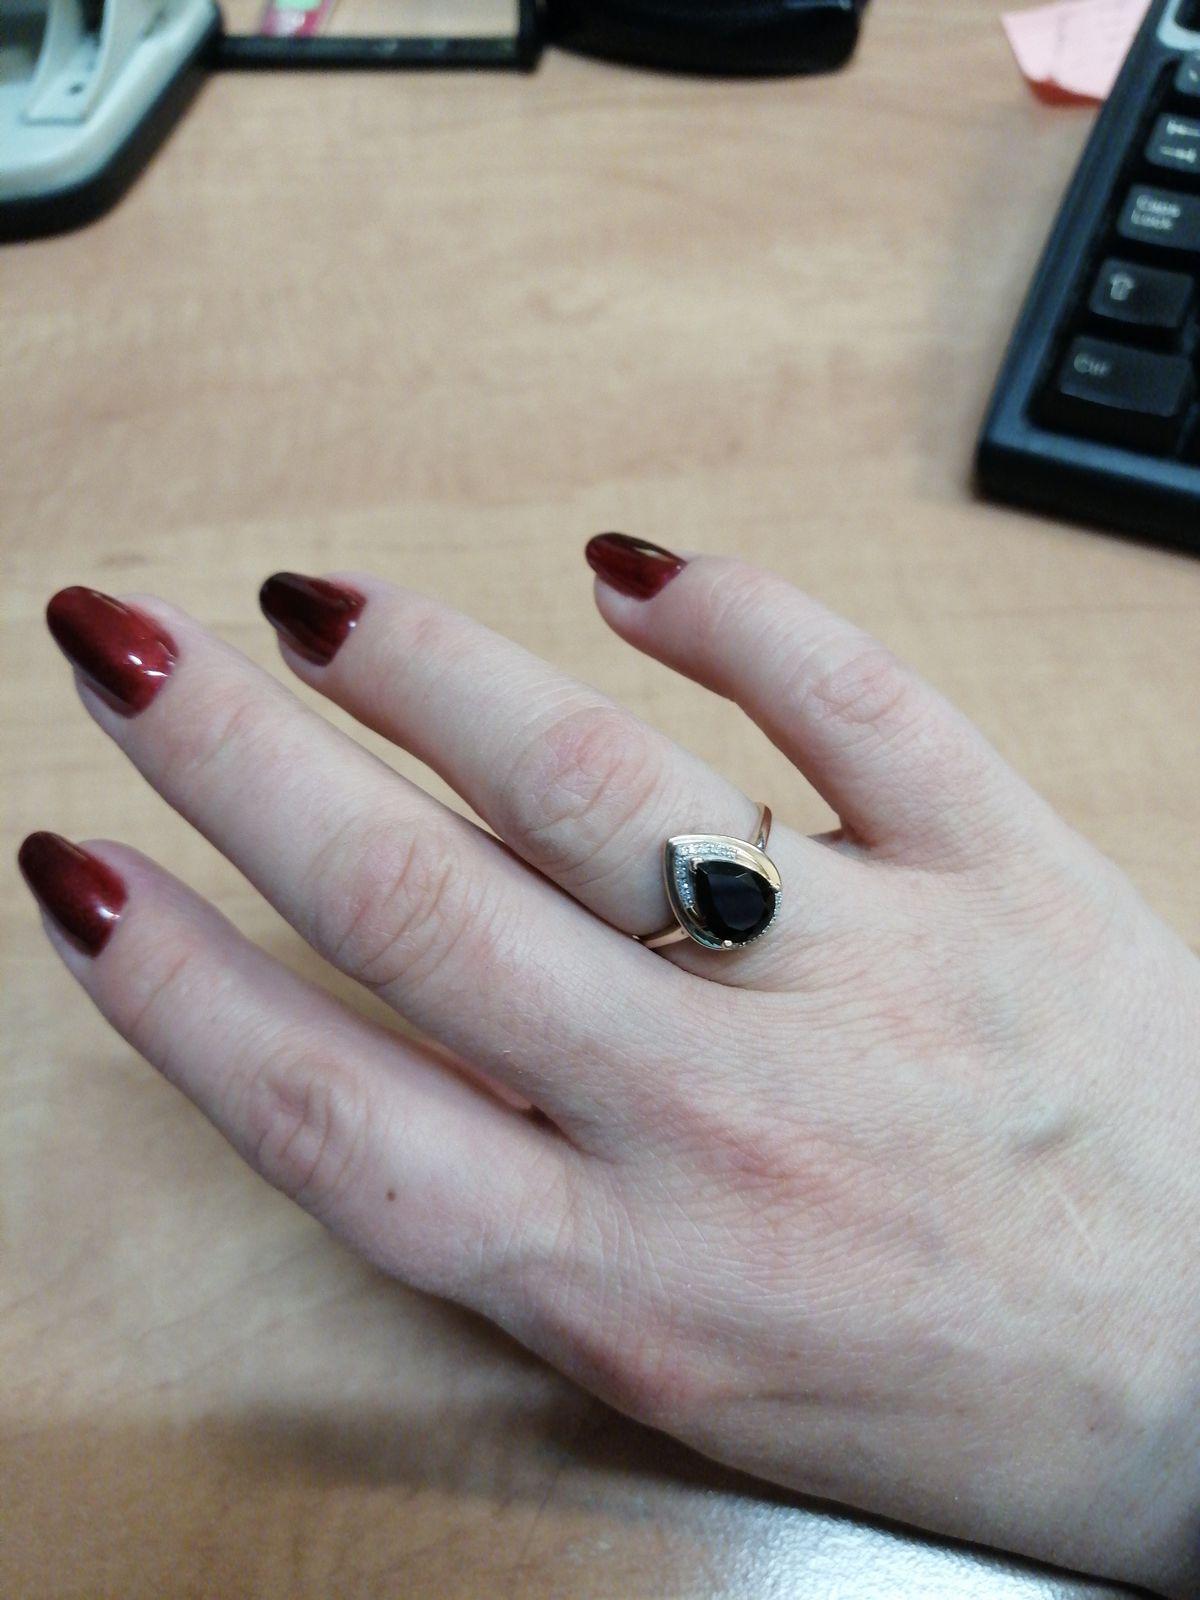 Кольцо смотрится элегантно